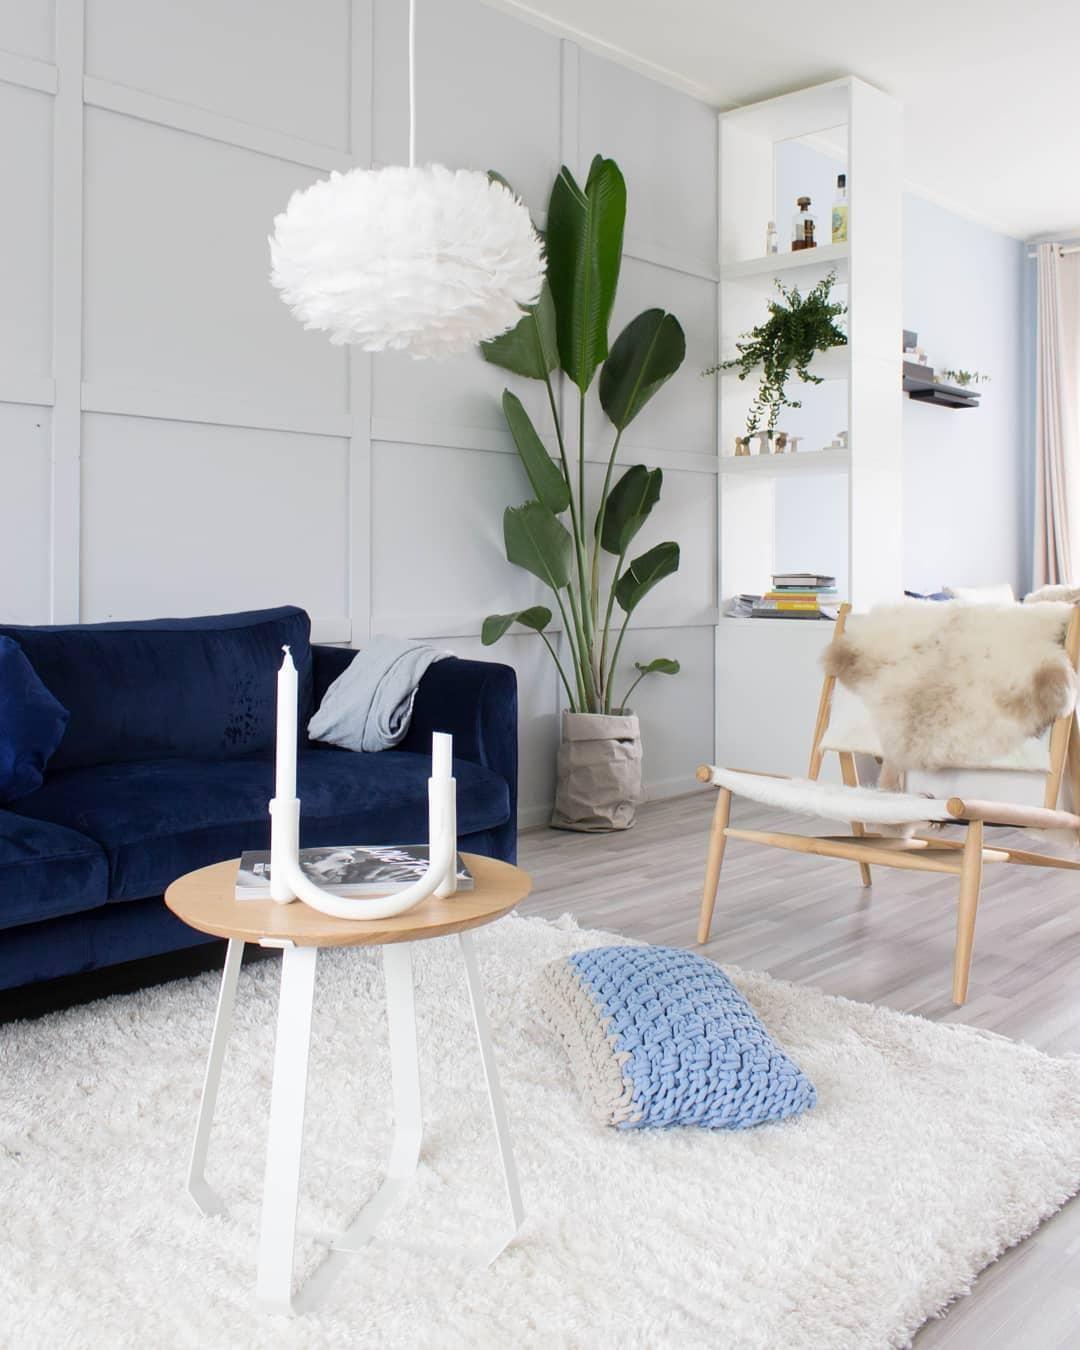 Home design bilder im inneren pendelleuchte eos  leuchten u lampen  pinterest  eos